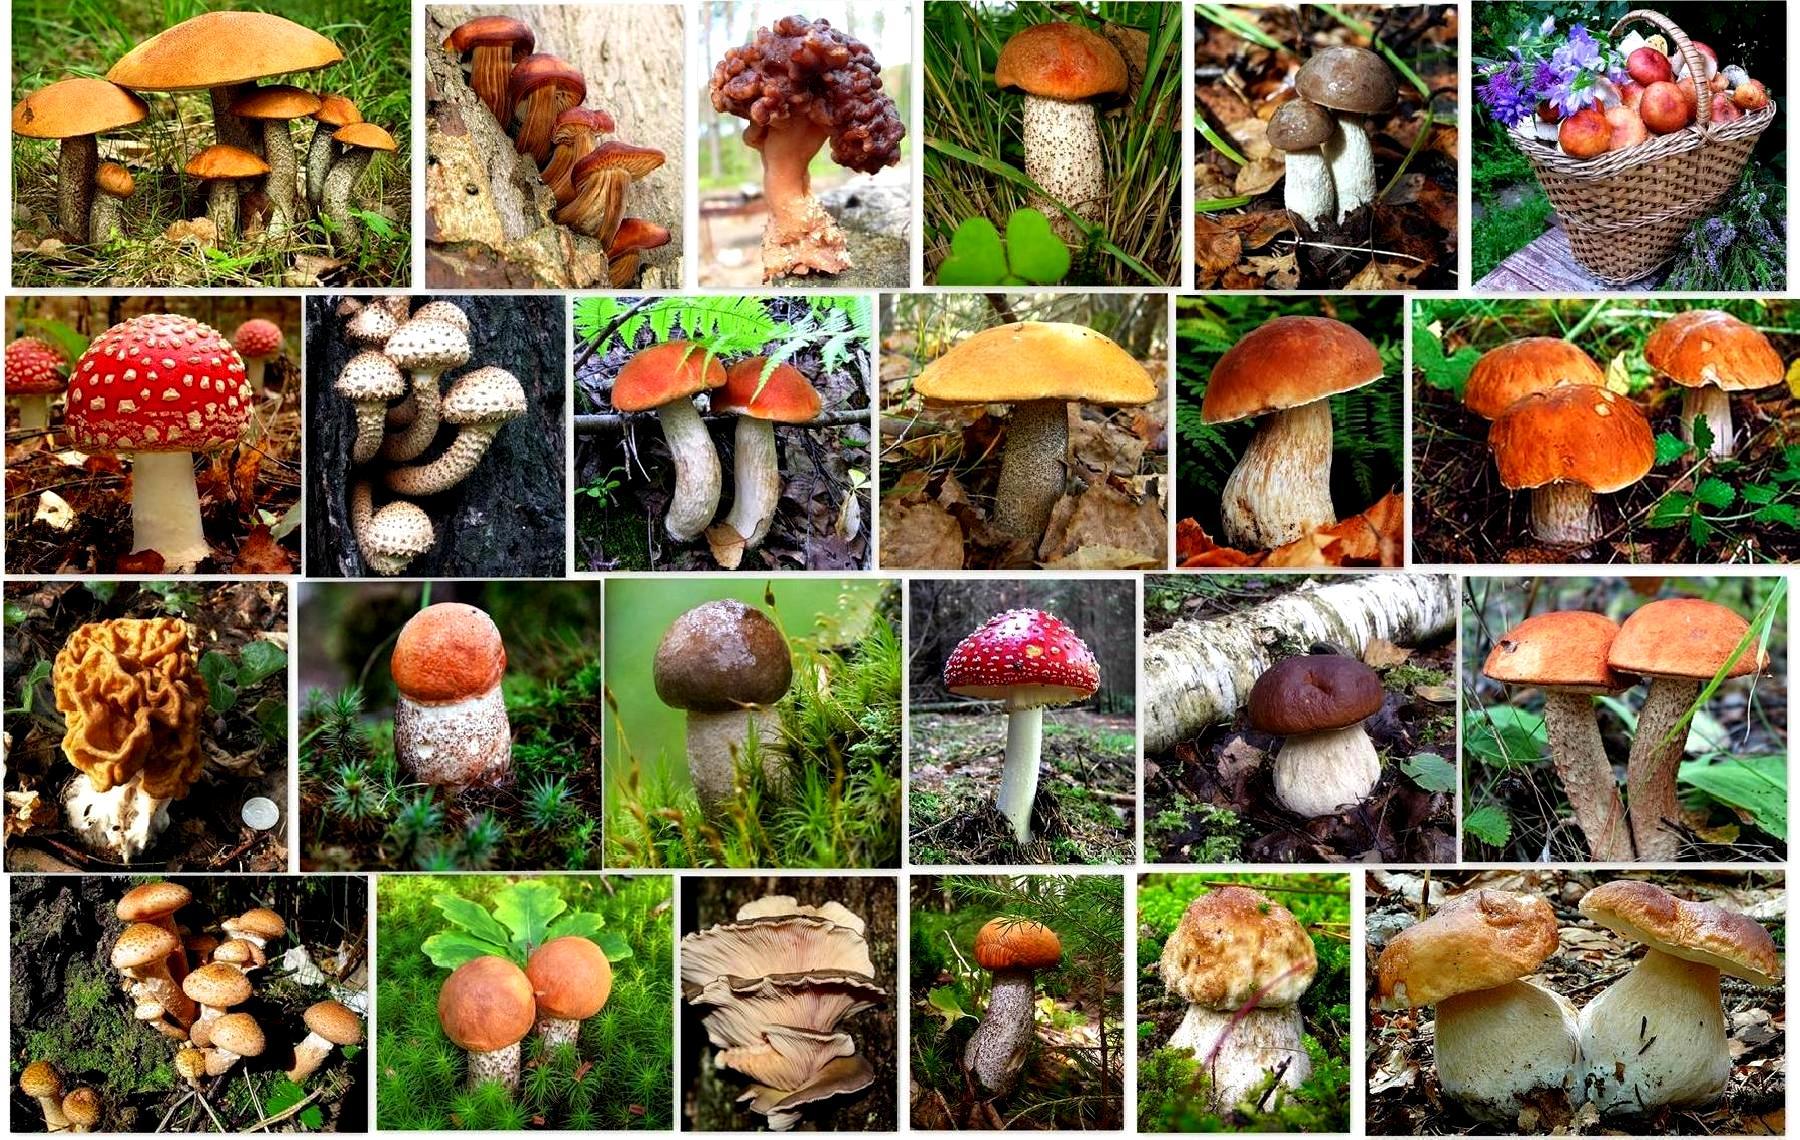 виды грибов лесных с фото